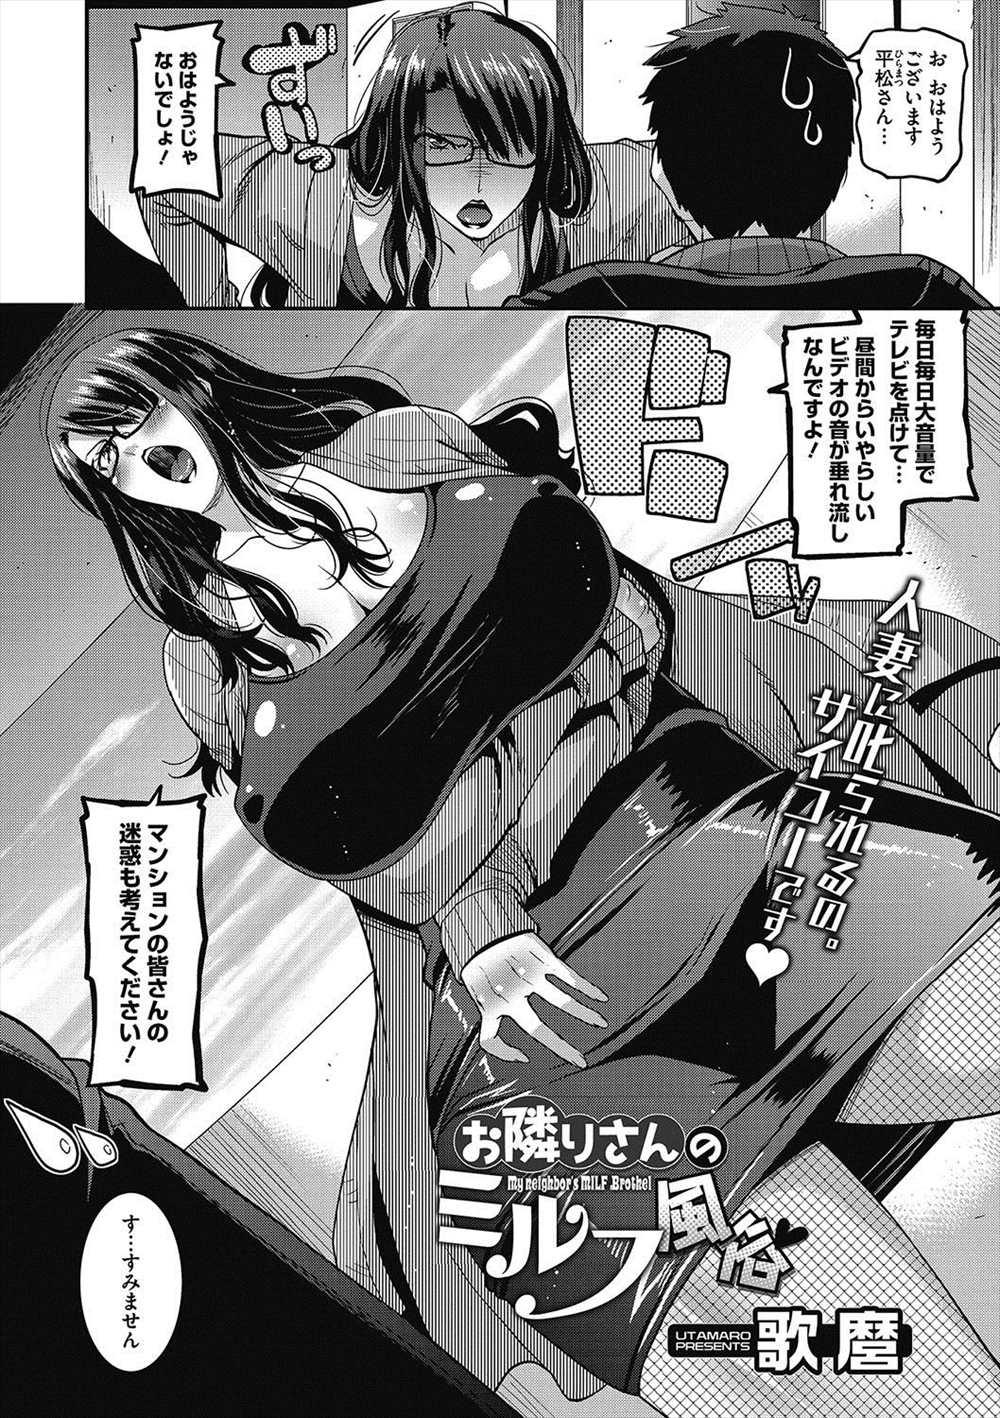 【エロ漫画】隣の気の強いJカップ人妻がドM風俗嬢として働くマンヘルで乱暴に喉奥を犯しベランダセックスで中出し!